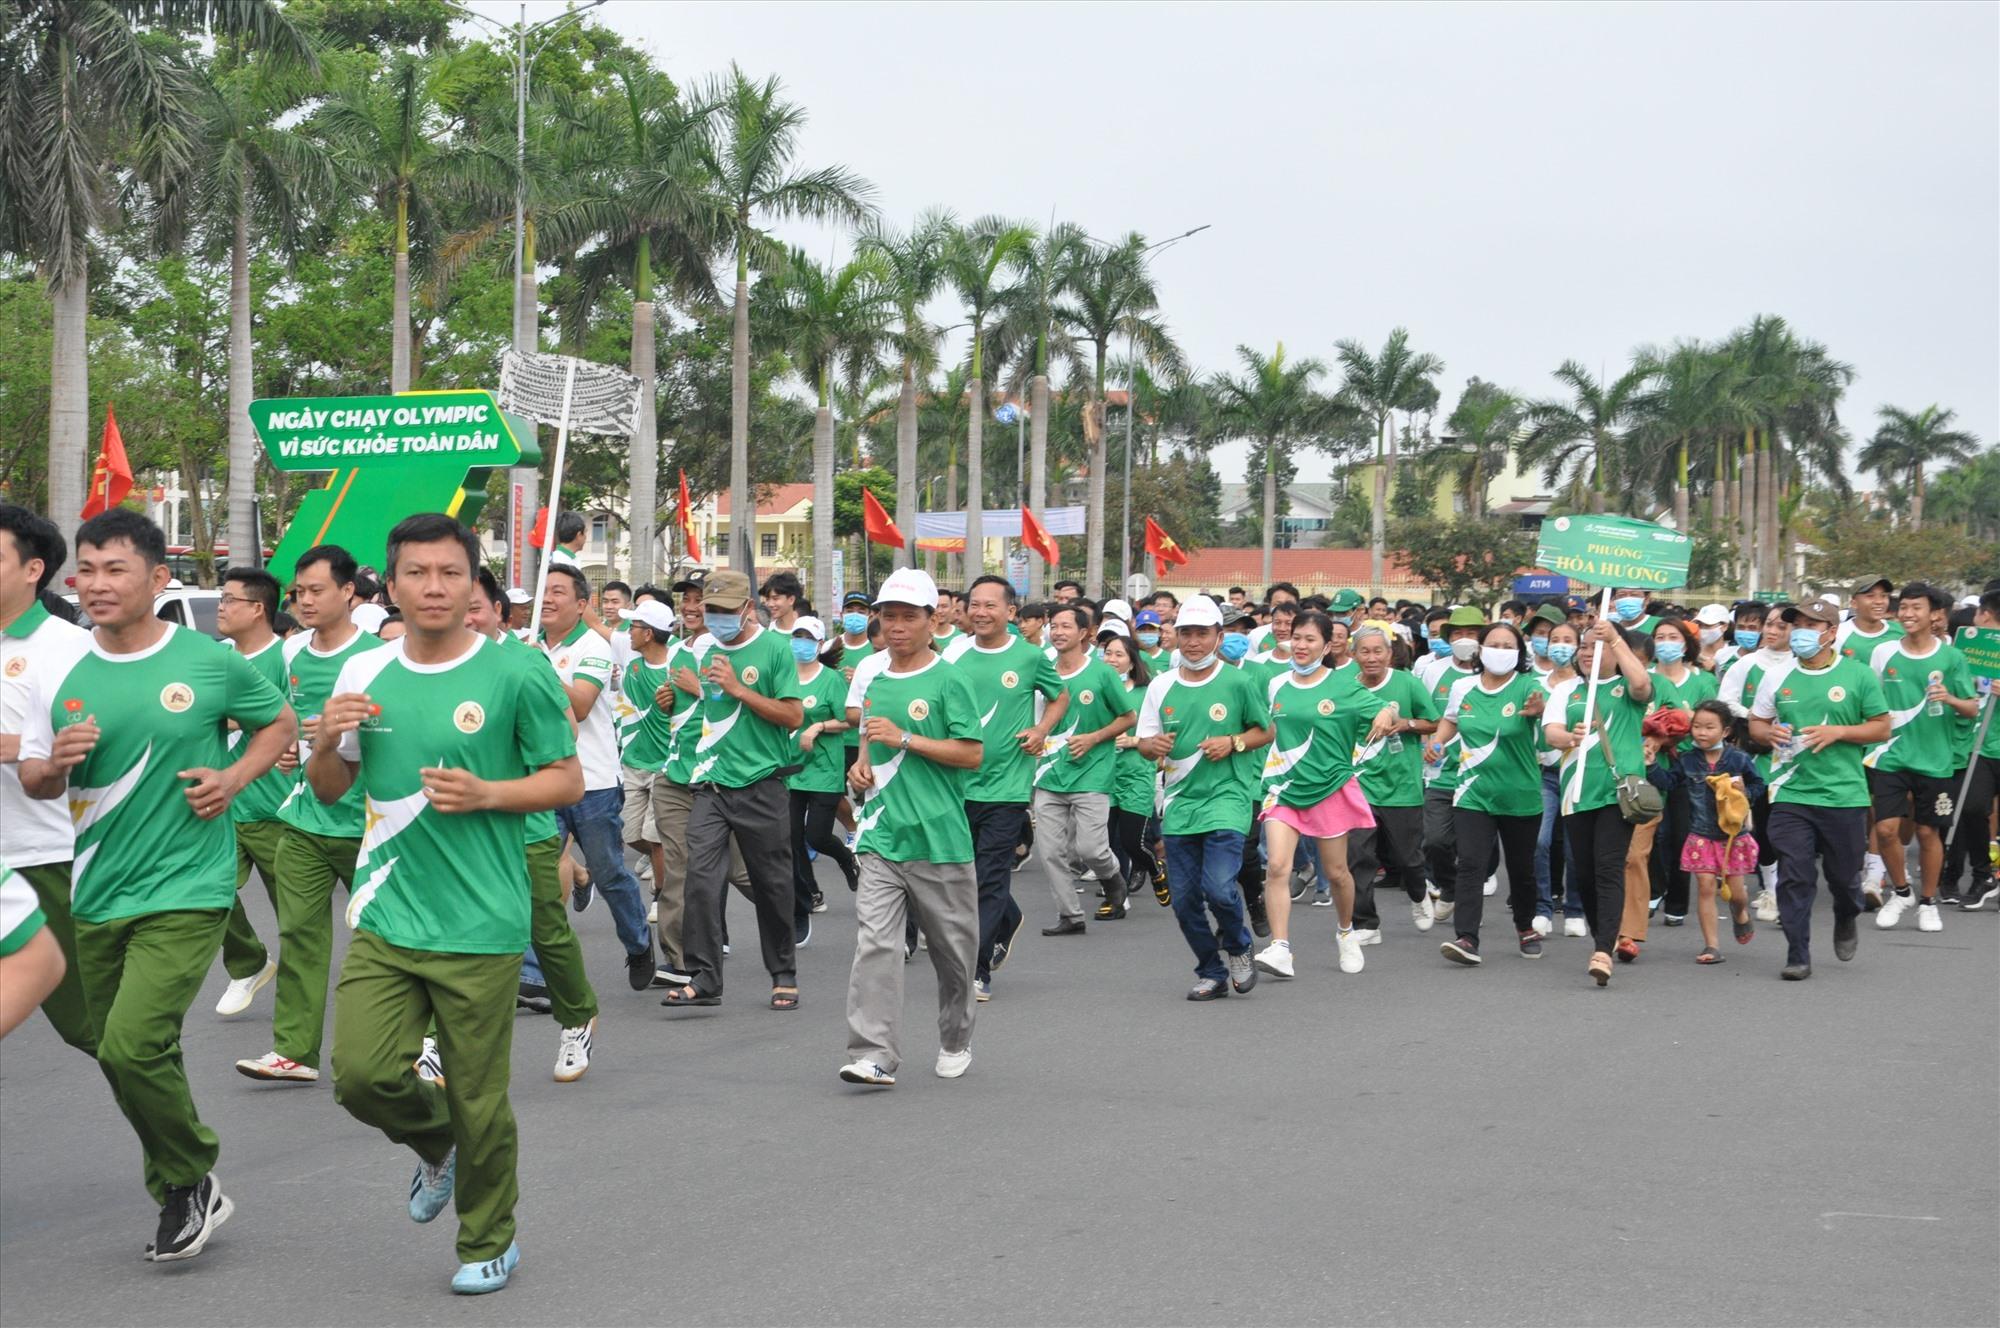 Gần 5.000 người tham gia lễ phát động và chạy Olympic, tạo ra không khí sôi nổi. Ảnh: T.V